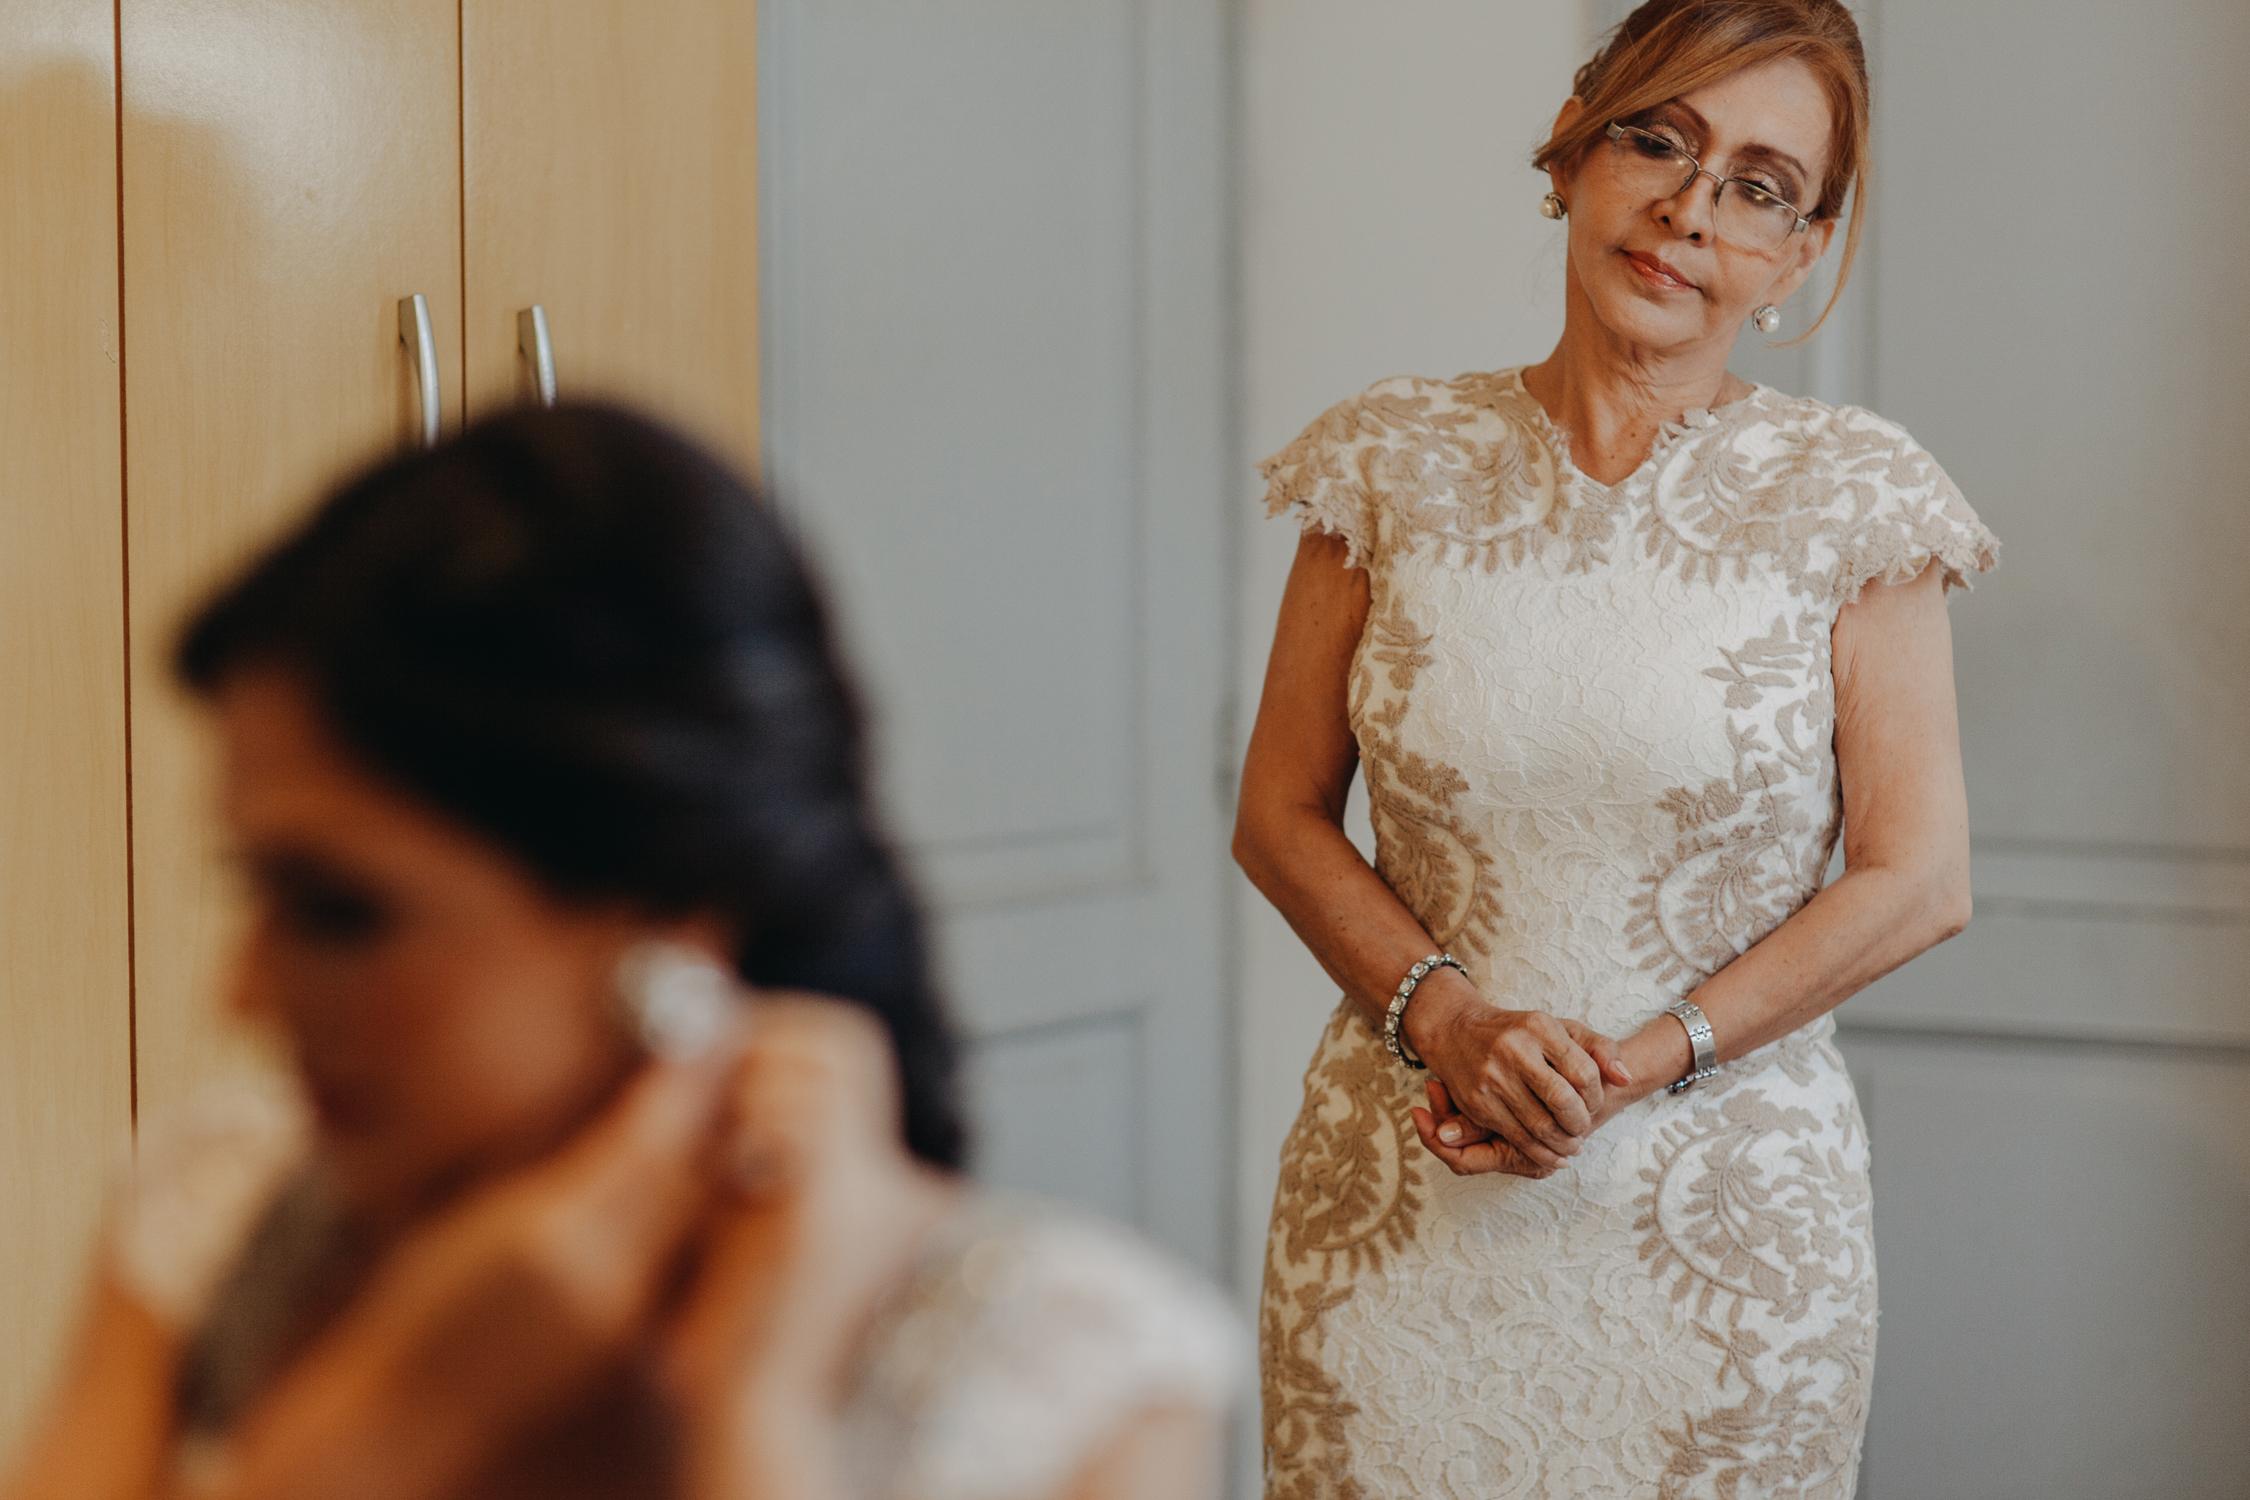 Michelle-Agurto-Fotografia-Bodas-Ecuador-Destination-Wedding-Photographer-Cristi-Luis-15.JPG